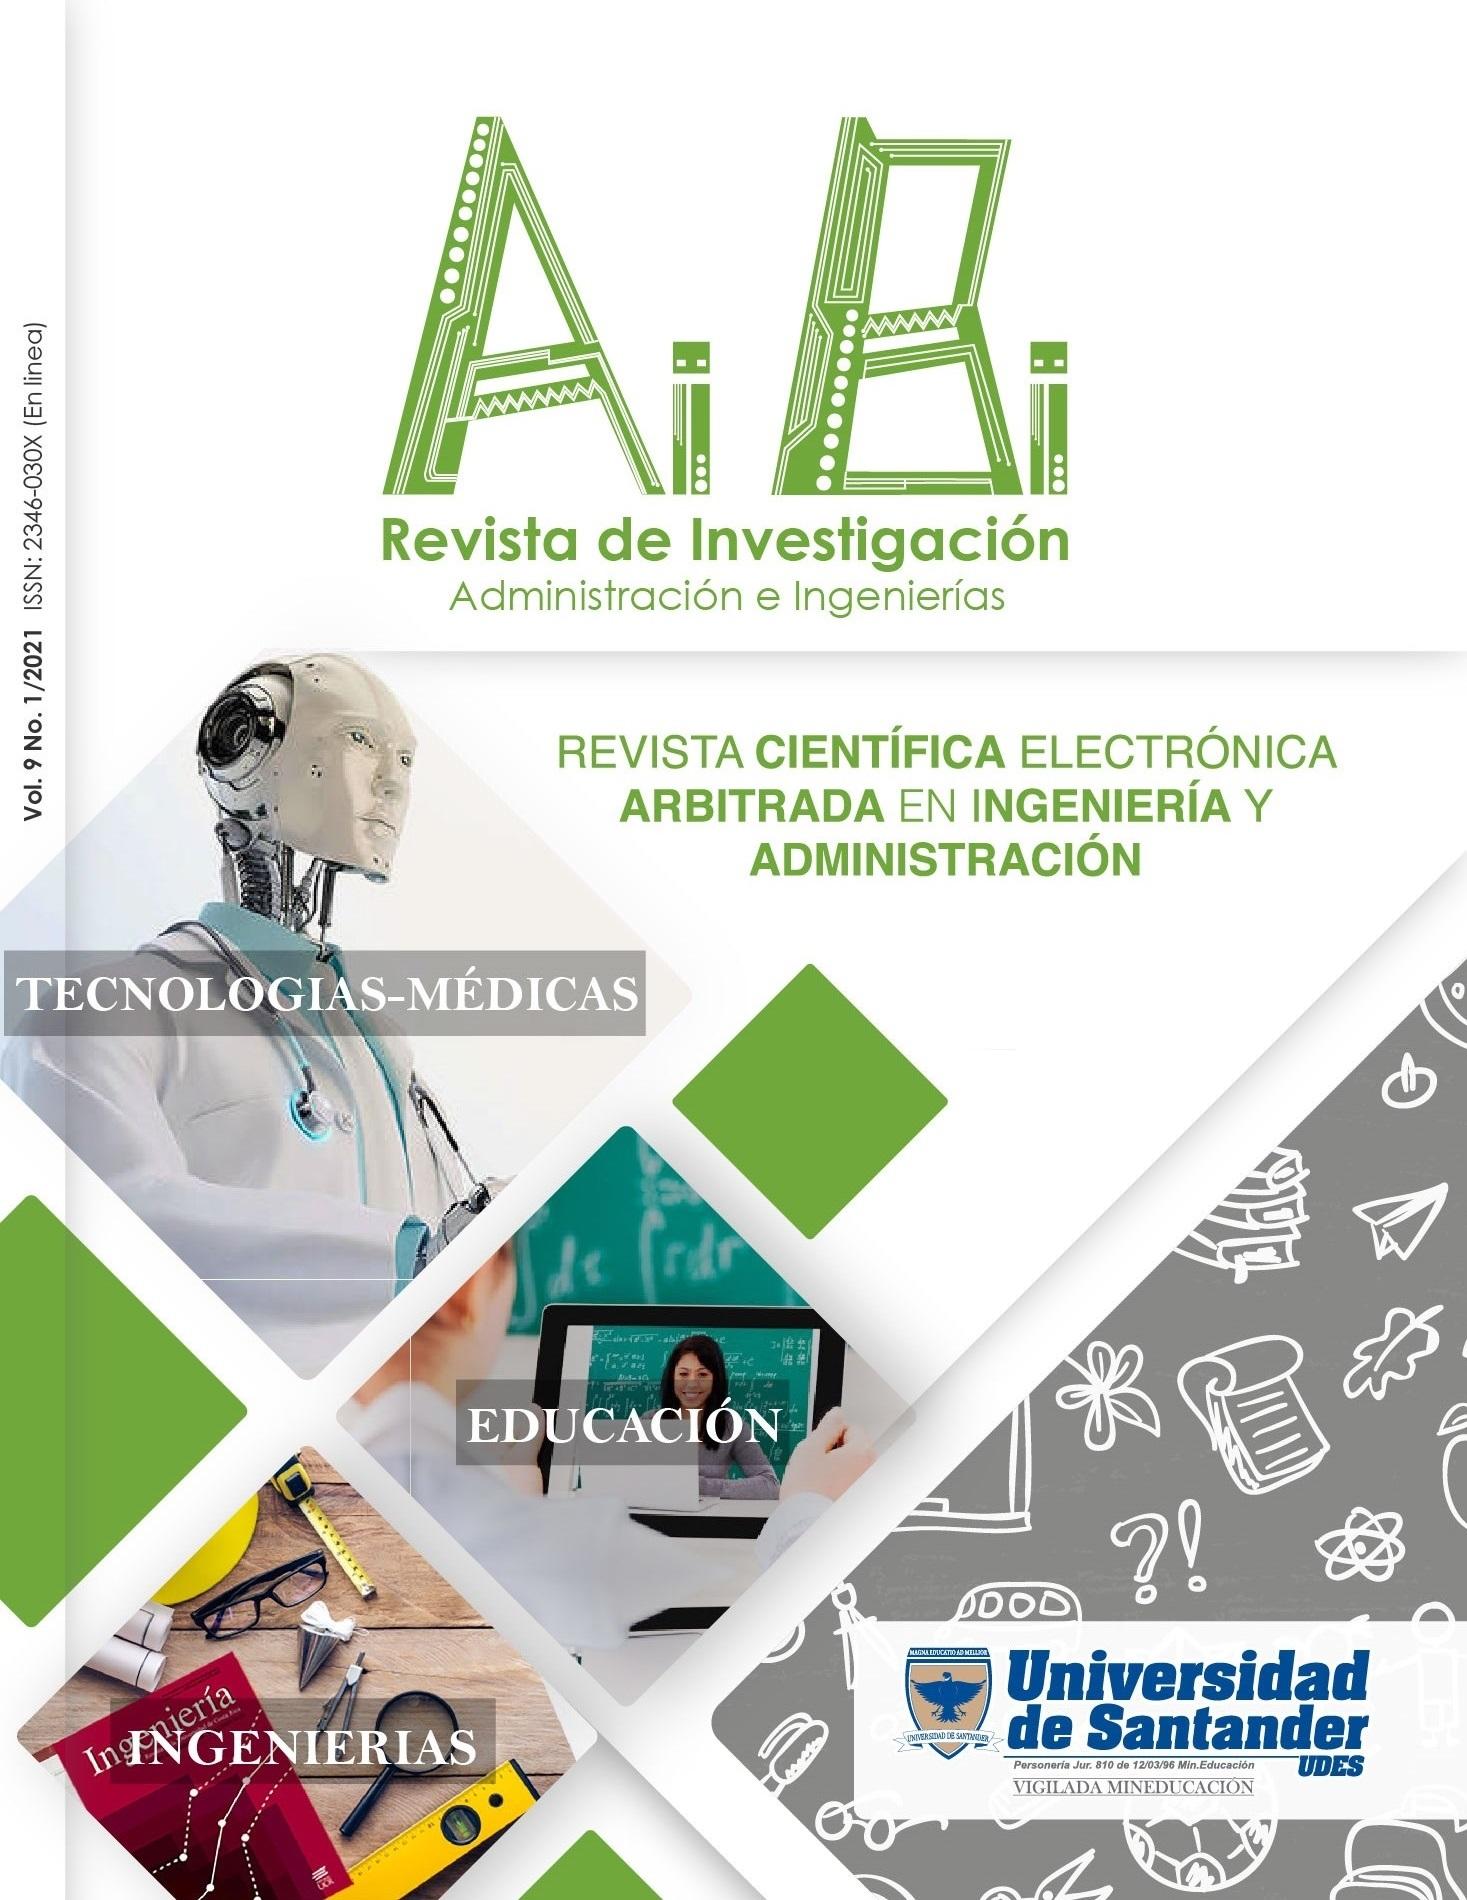 Revista de investigación, administración e ingenierías